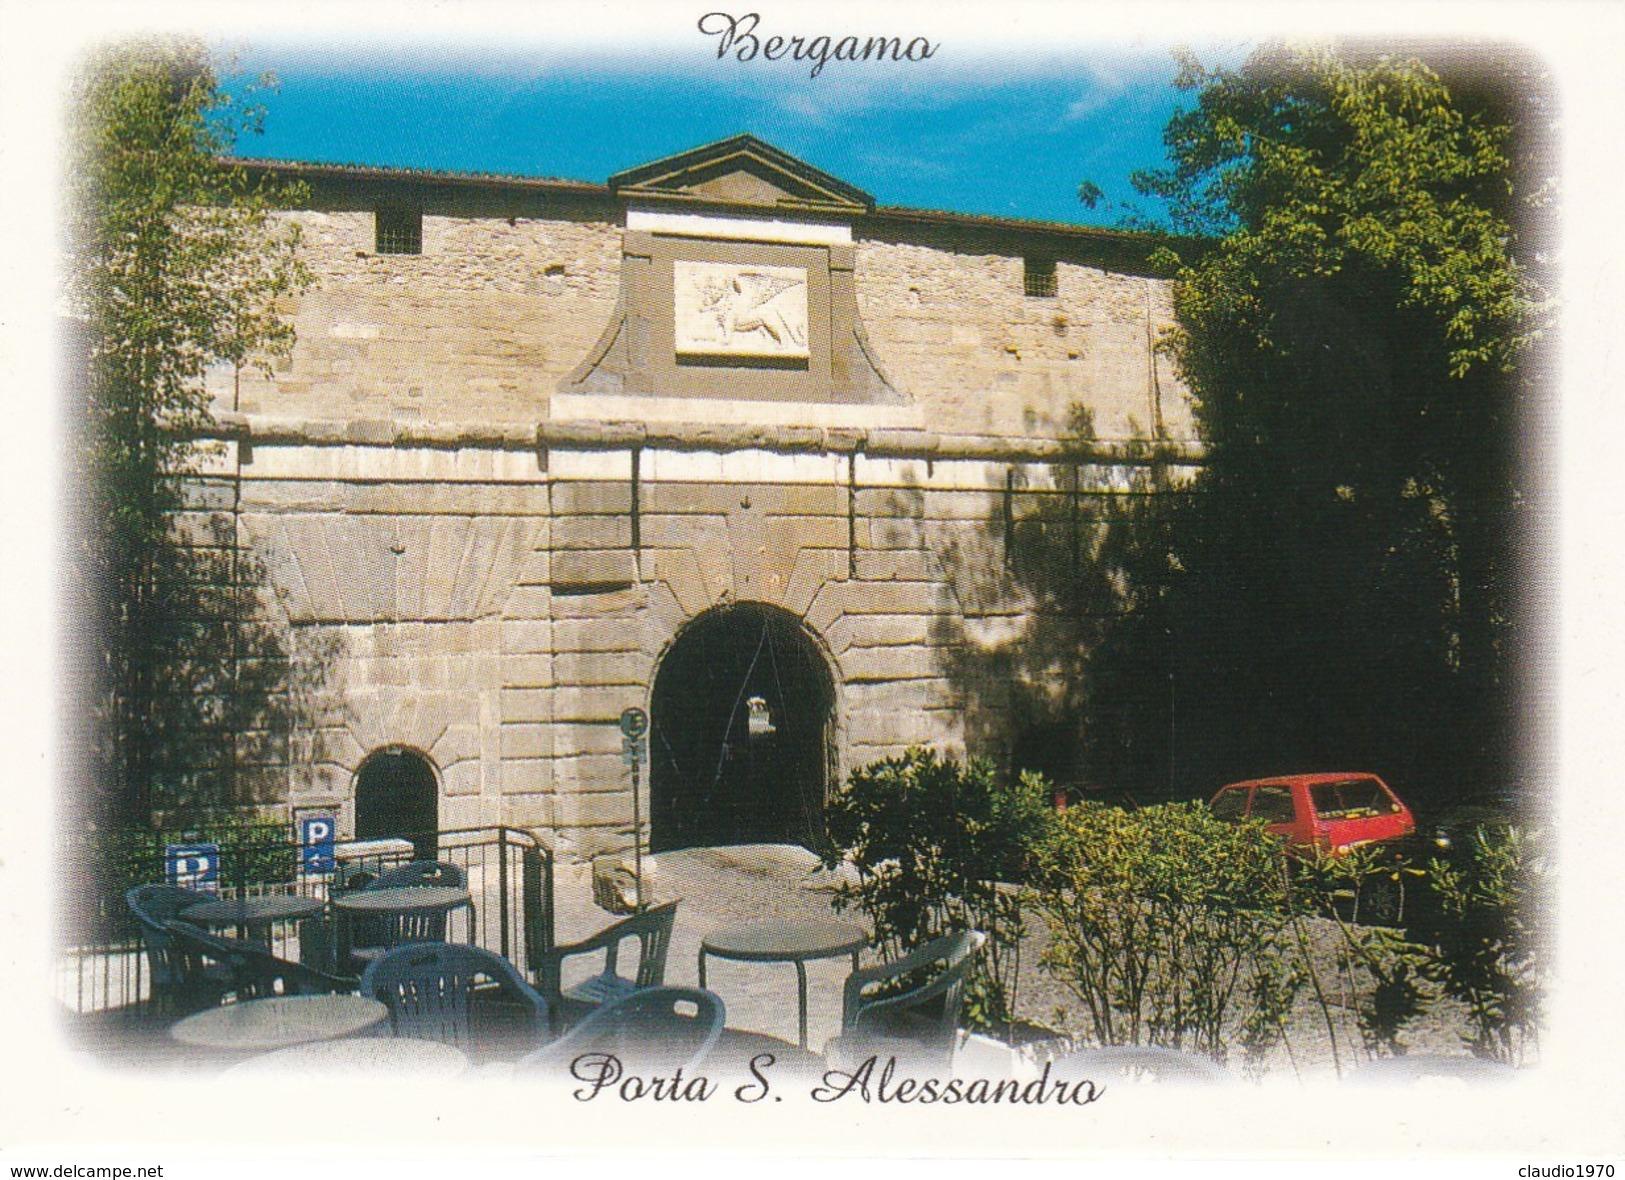 Calendario Tascabile Anno 2006 - Bergamo Porta S.alessandro - Calendari